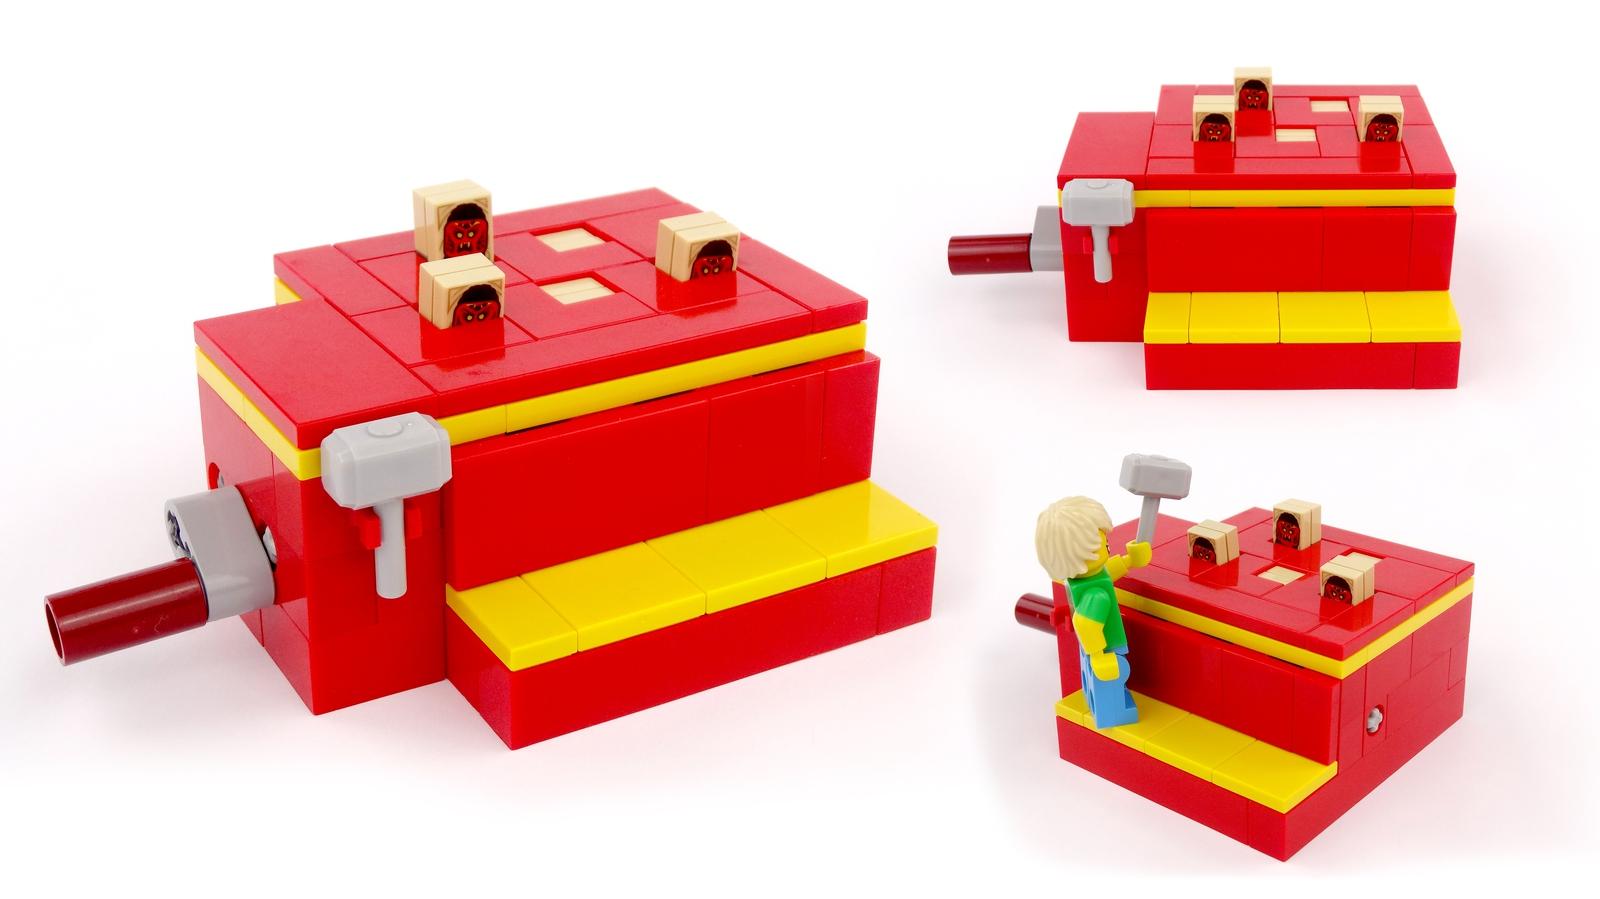 lego-ideas-working-arcade-machines-hammer-legoparadise zusammengebaut.com